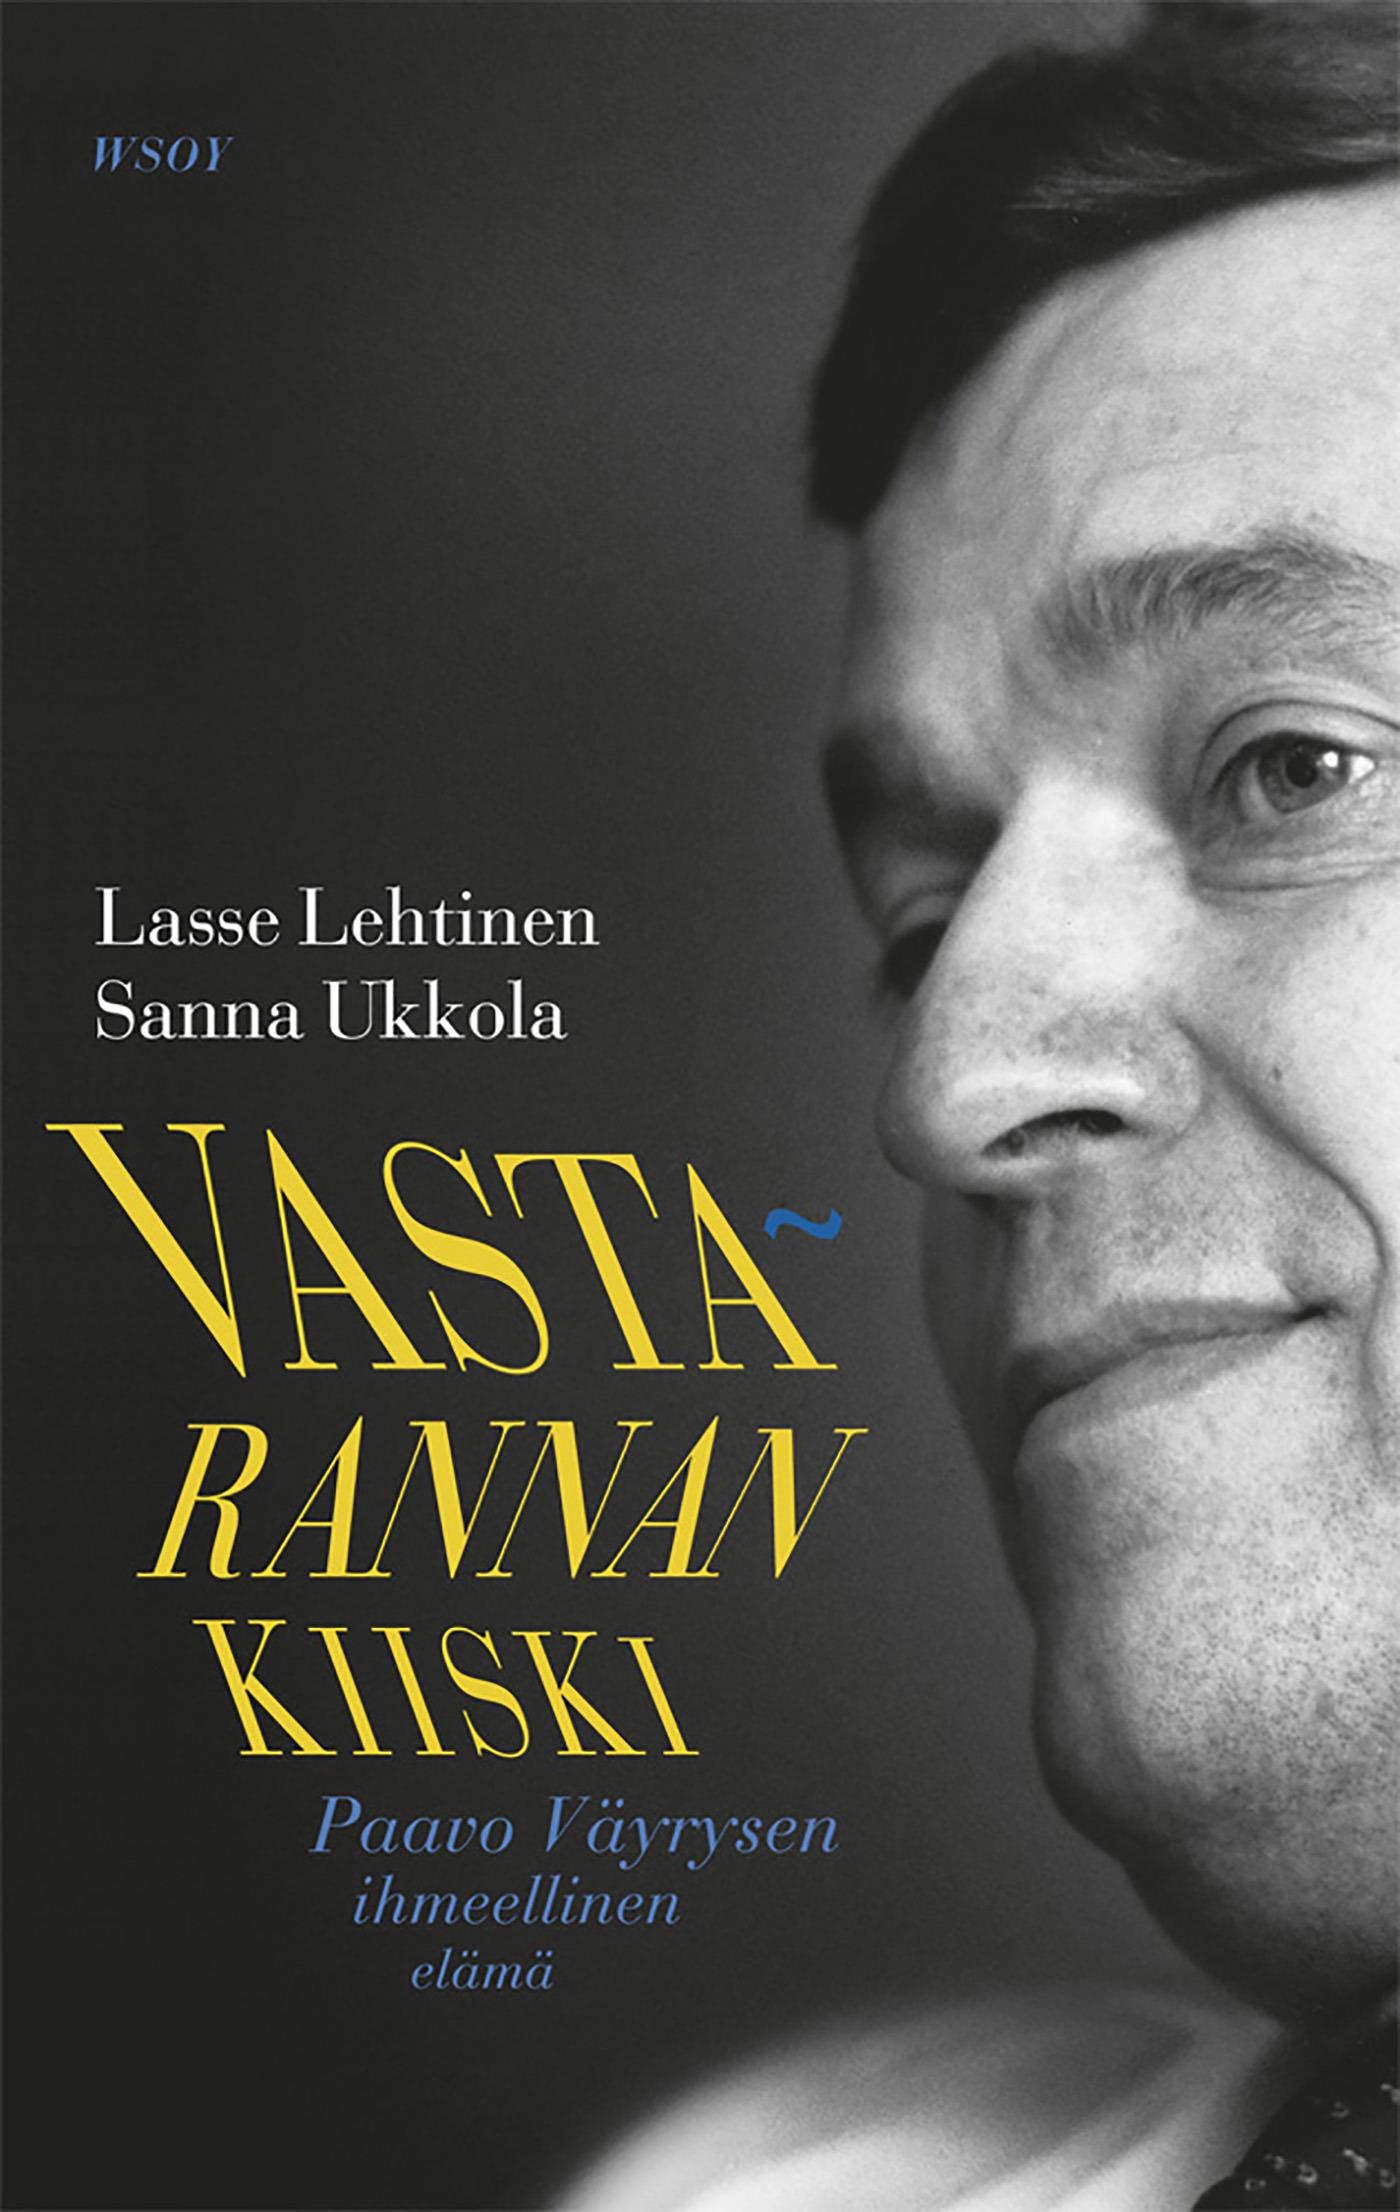 Lehtinen, Lasse - Vastarannan kiiski: Paavo Väyrysen ihmeellinen elämä, e-kirja